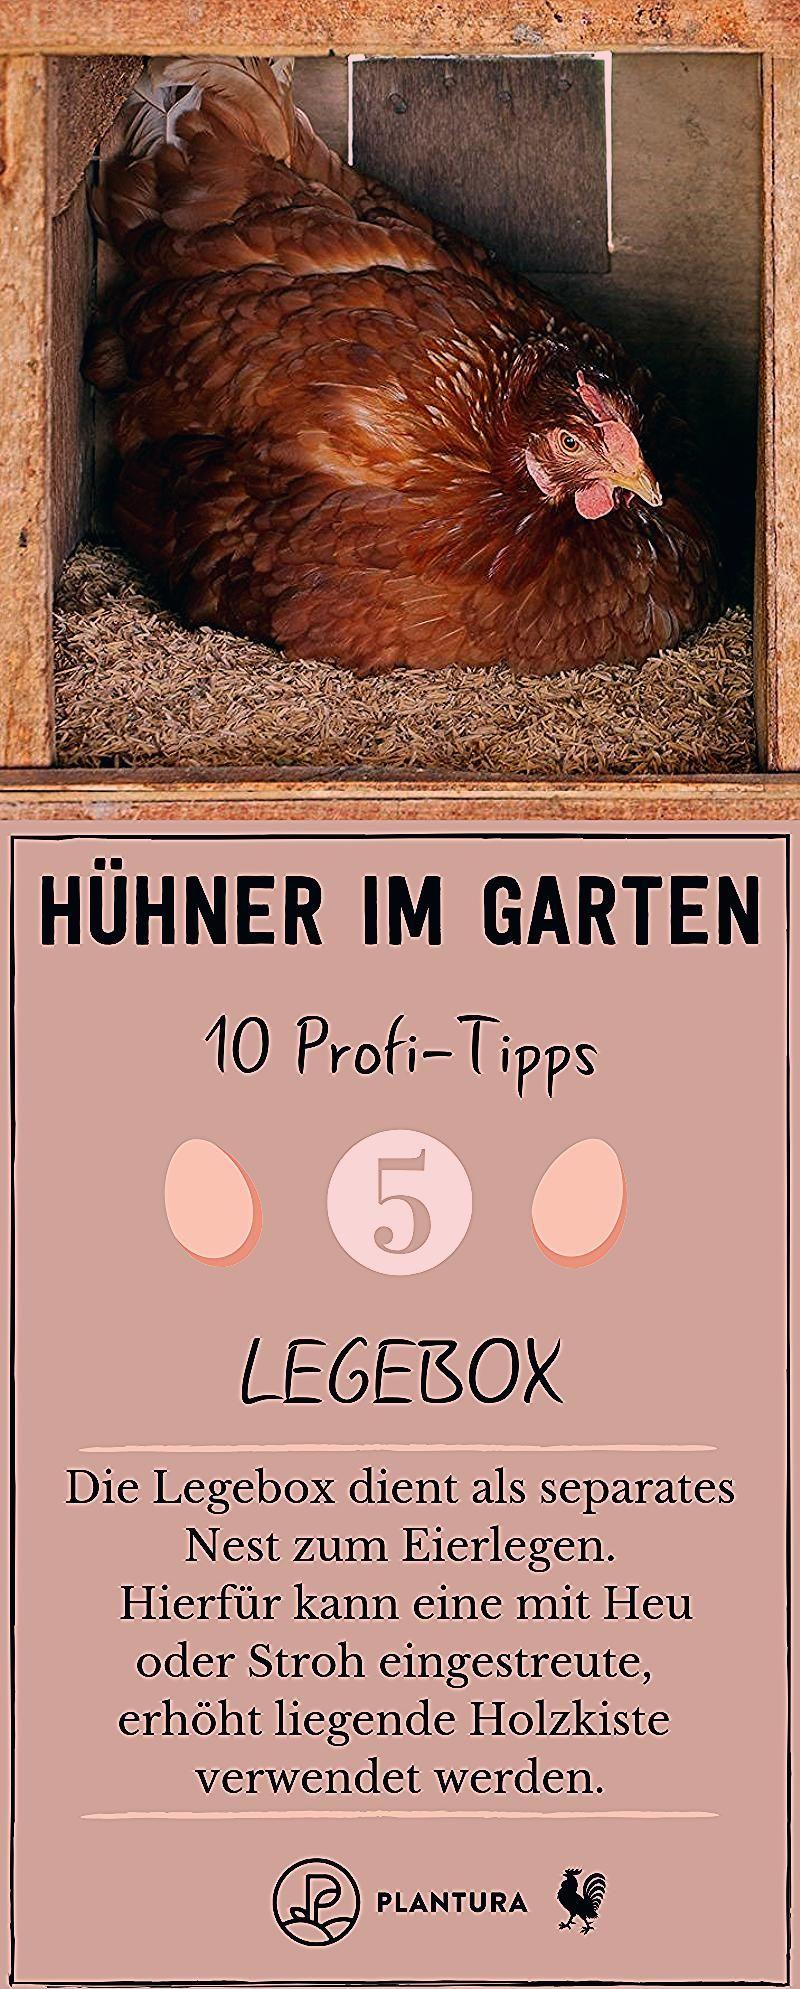 Hühner im Garten: 10 Profi-Tipps zur richtigen Haltung - Plantura